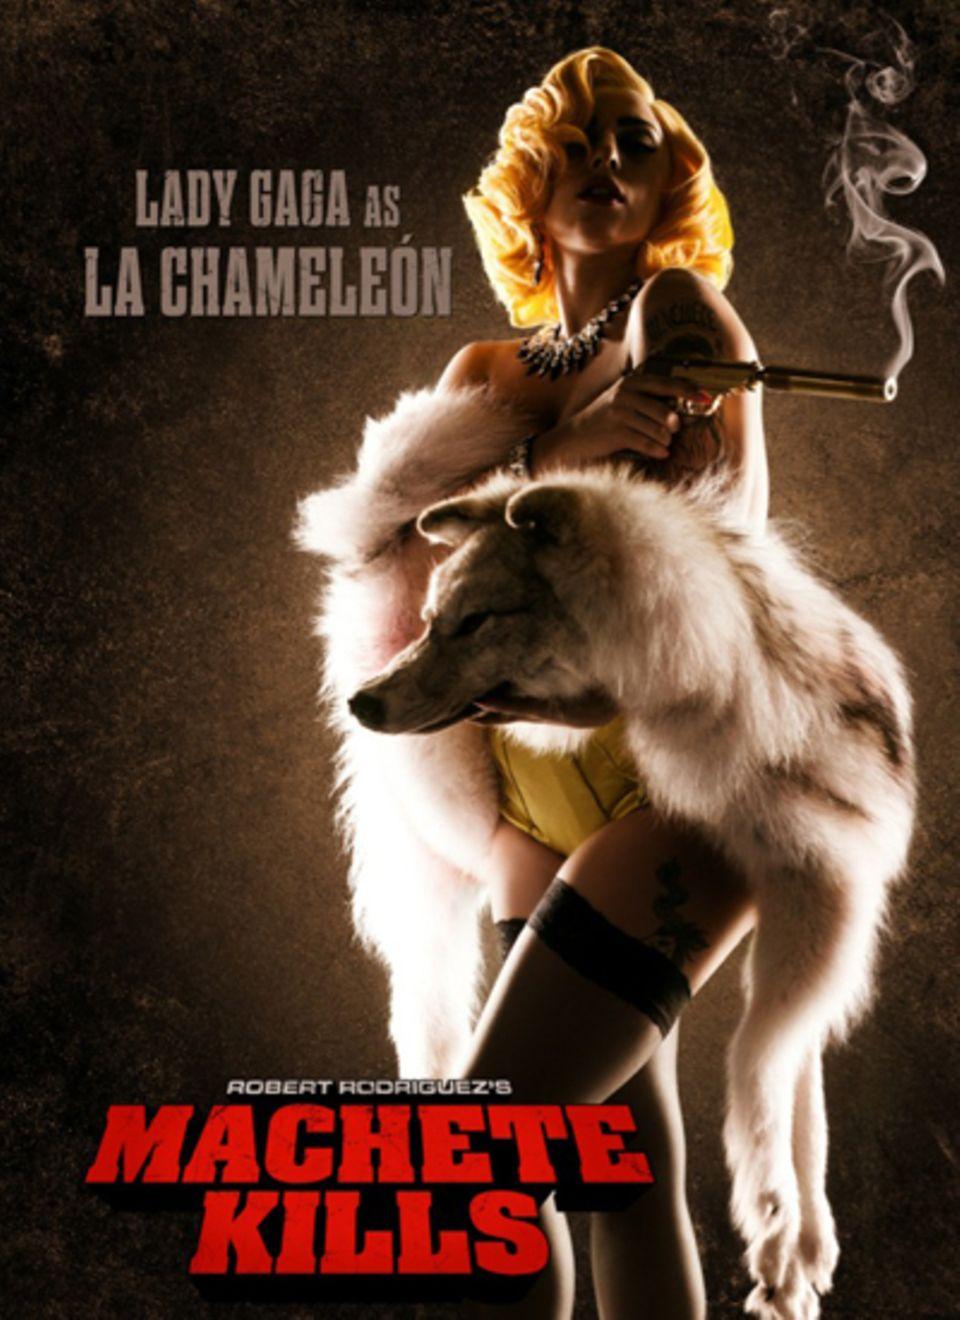 """Lady GaGa posiert auf dem Filmposter von Robert Rodriguez """"Machete Kills"""" als """"La Chameleón""""."""